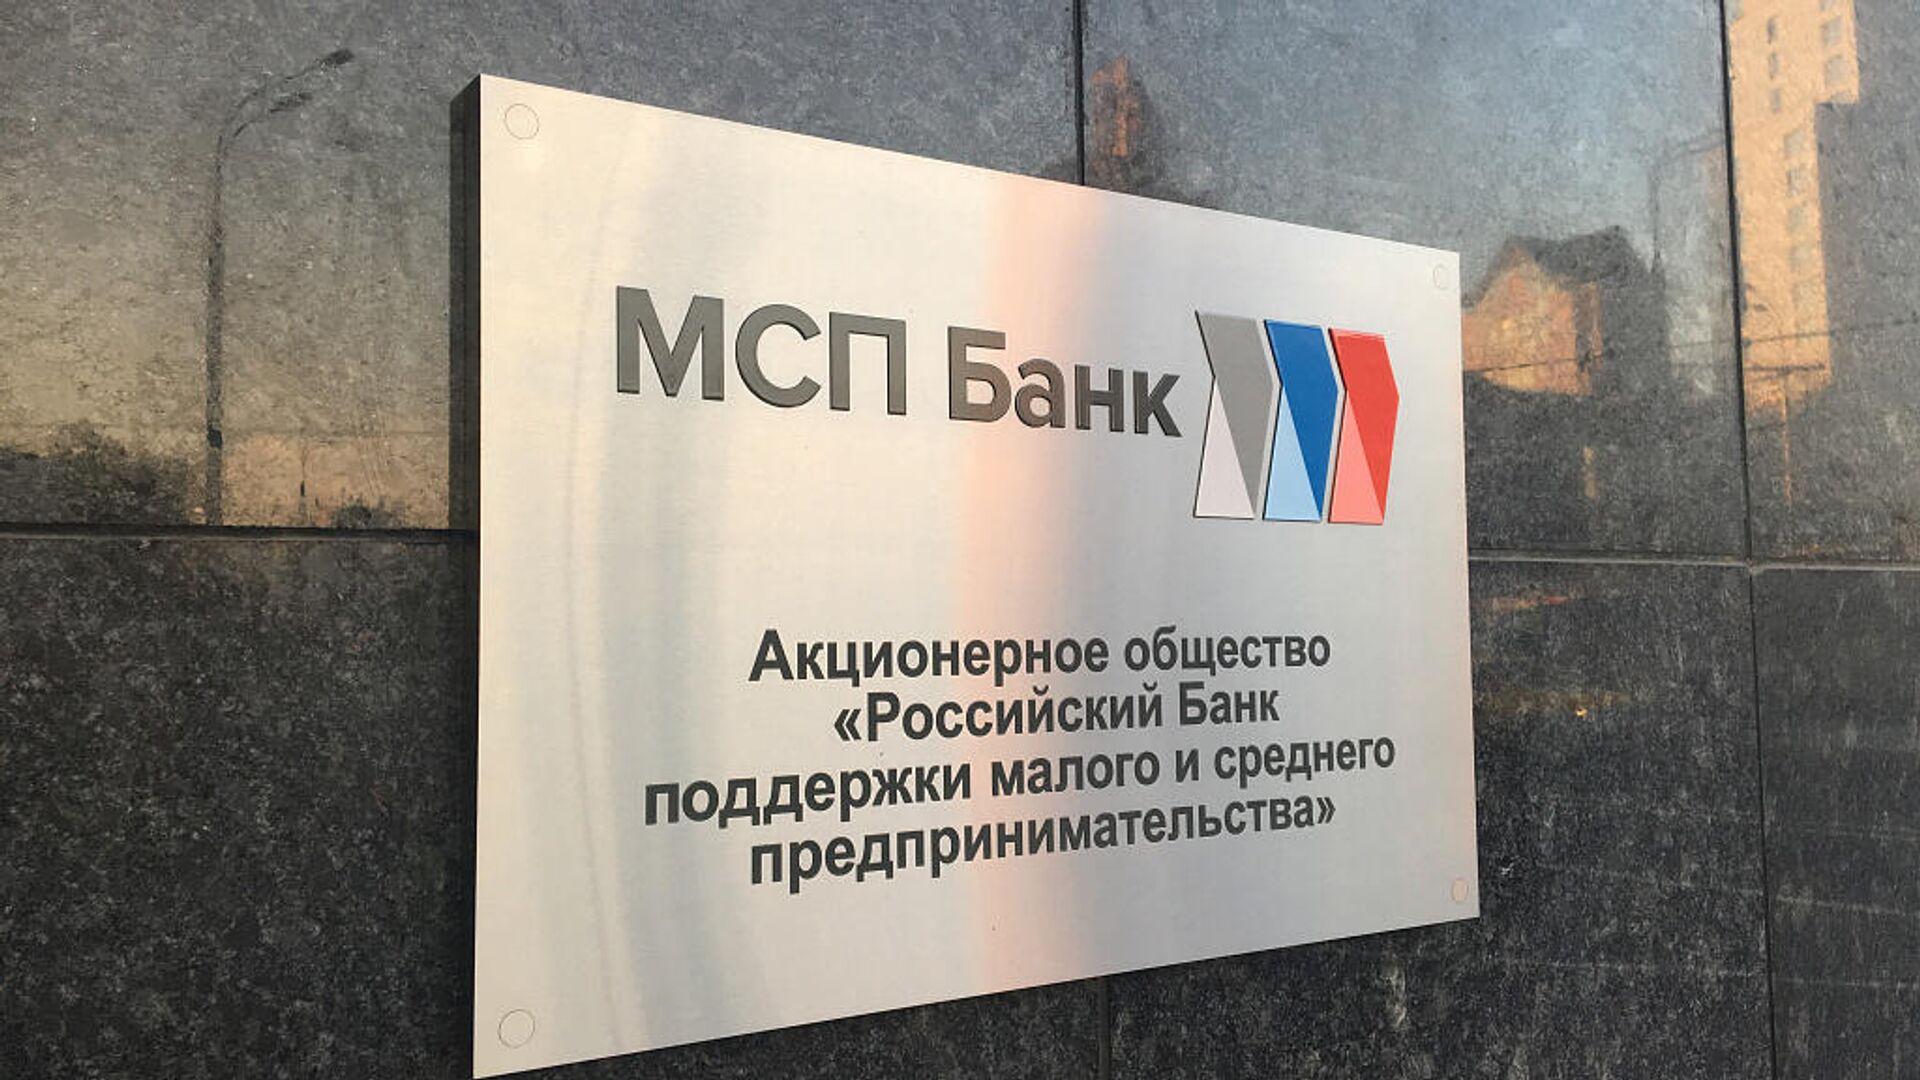 Завод кровельных материалов расширит производство при поддержке МСП Банка